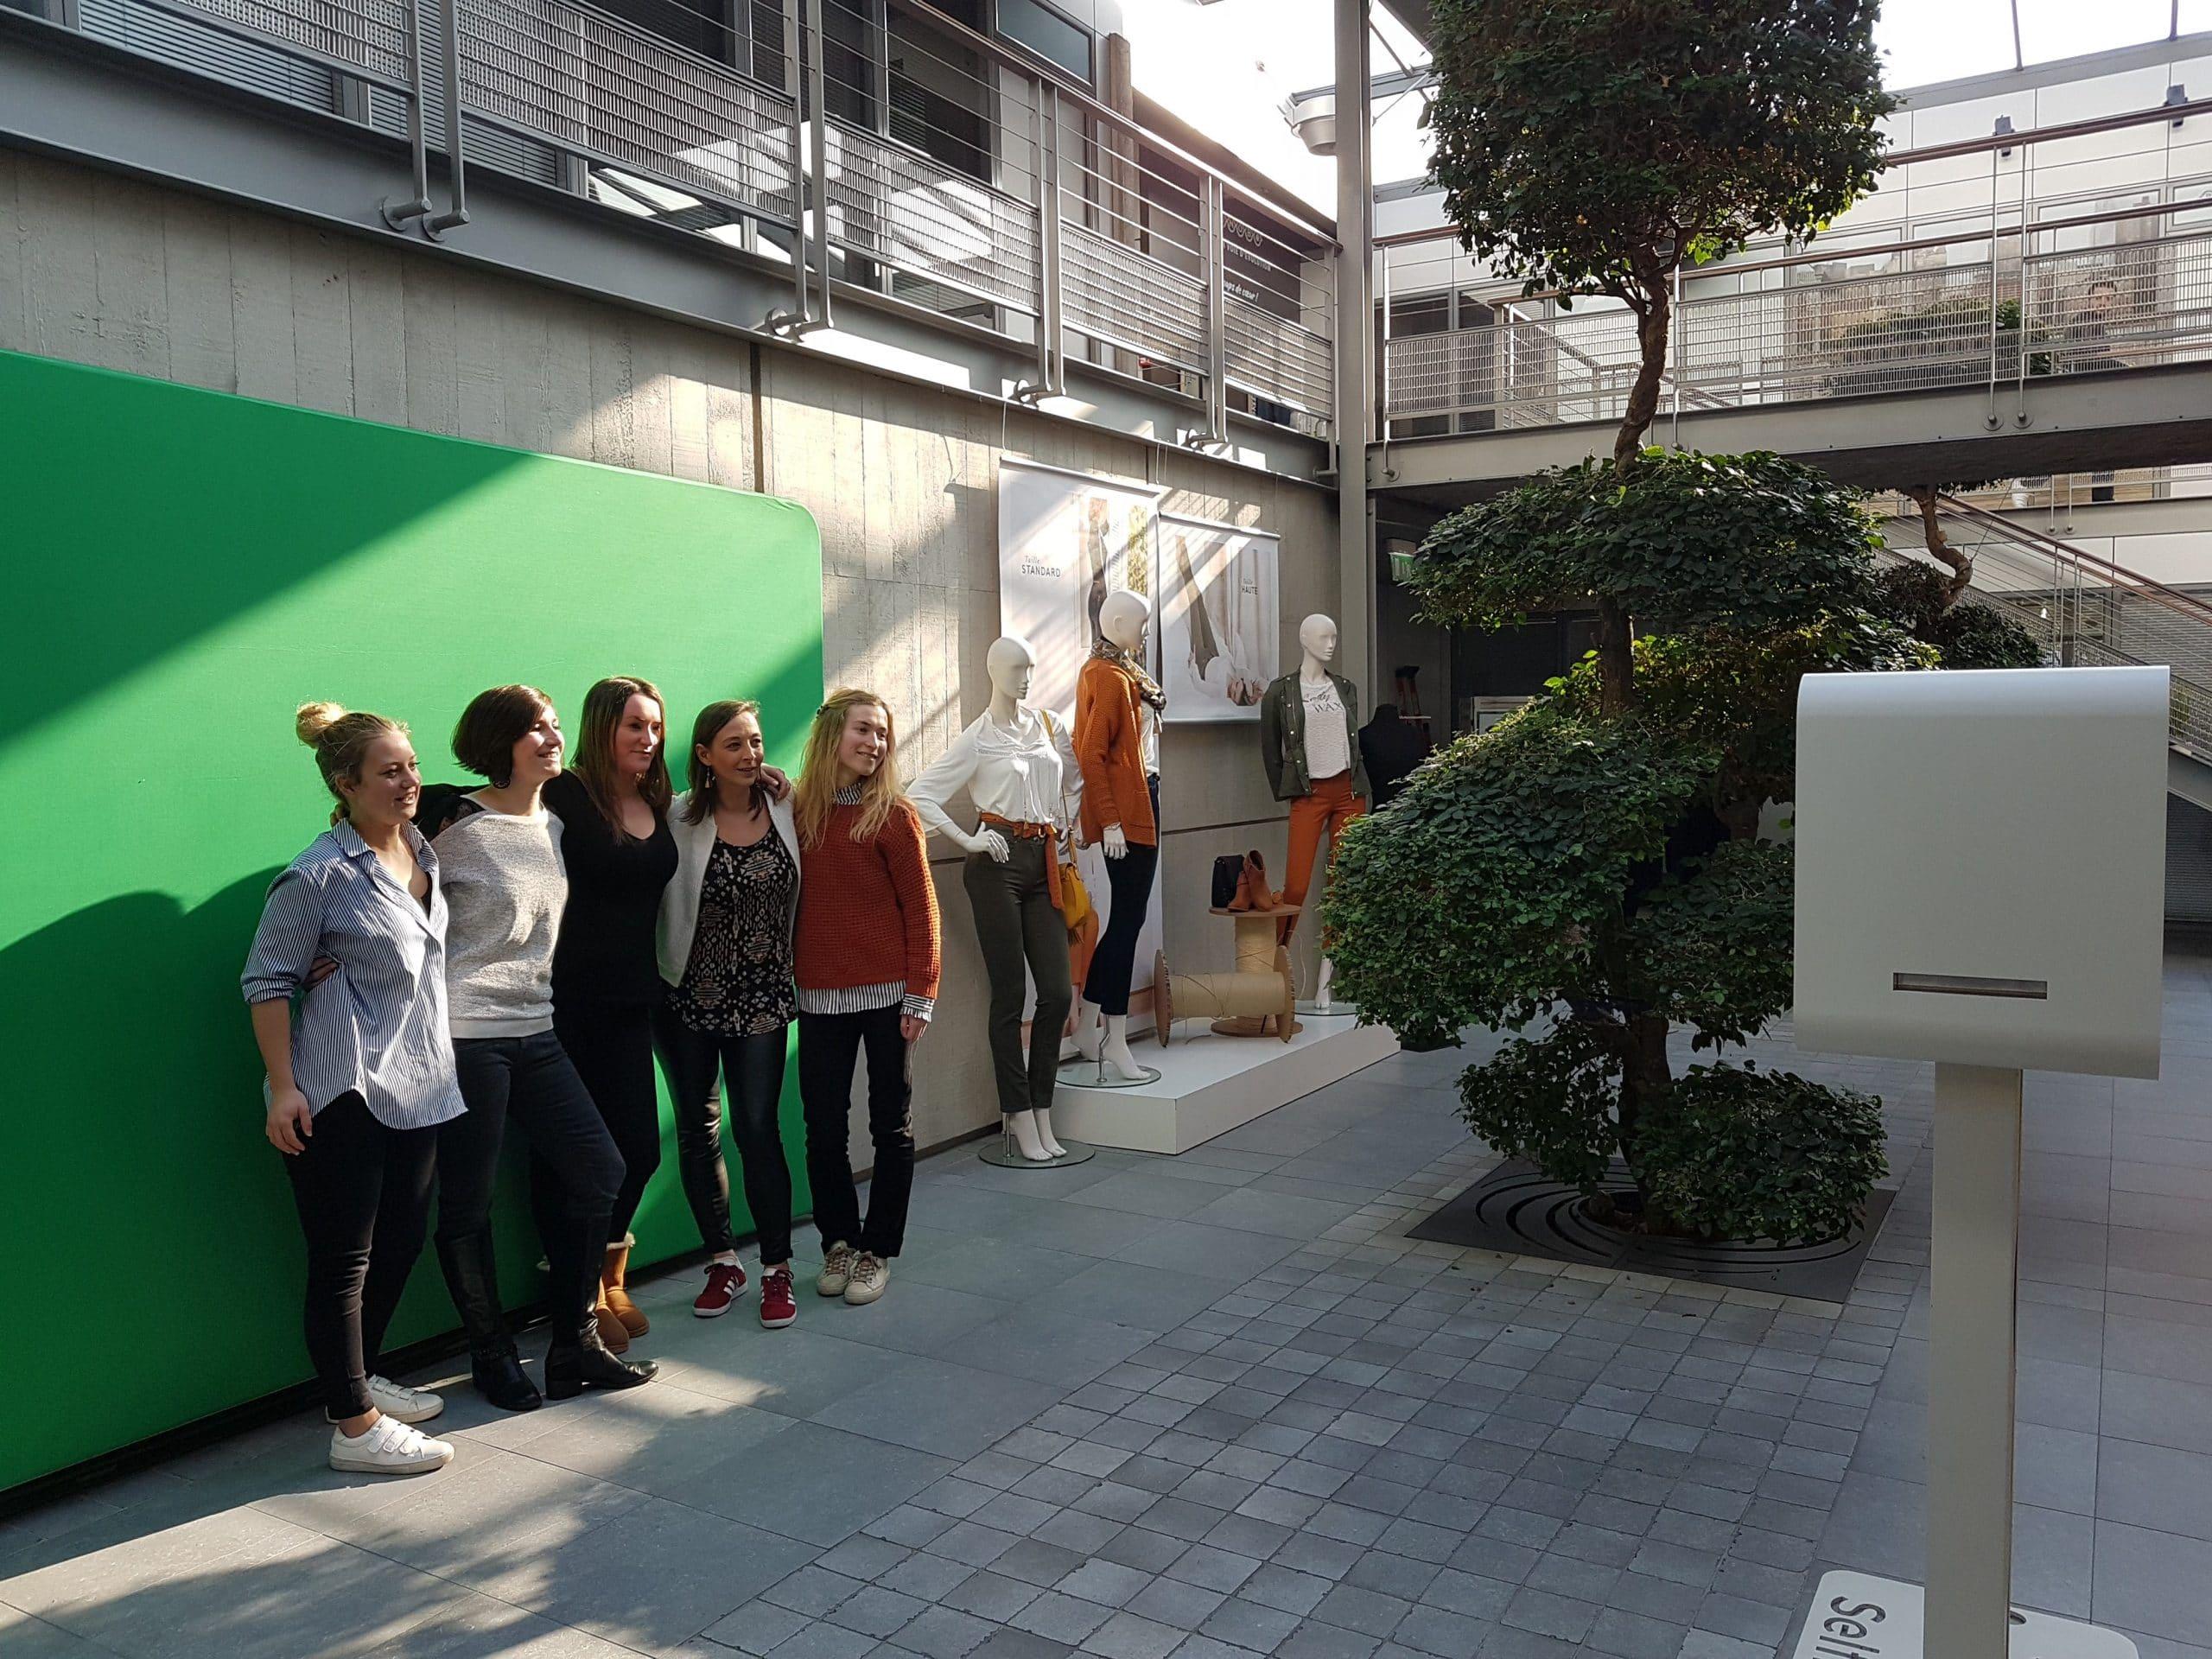 Animation borne photo et fond vert au groupe Beaumanoir à Saint Malo en 2018 pour événement interne lancement gamme jeans verts Bonobo